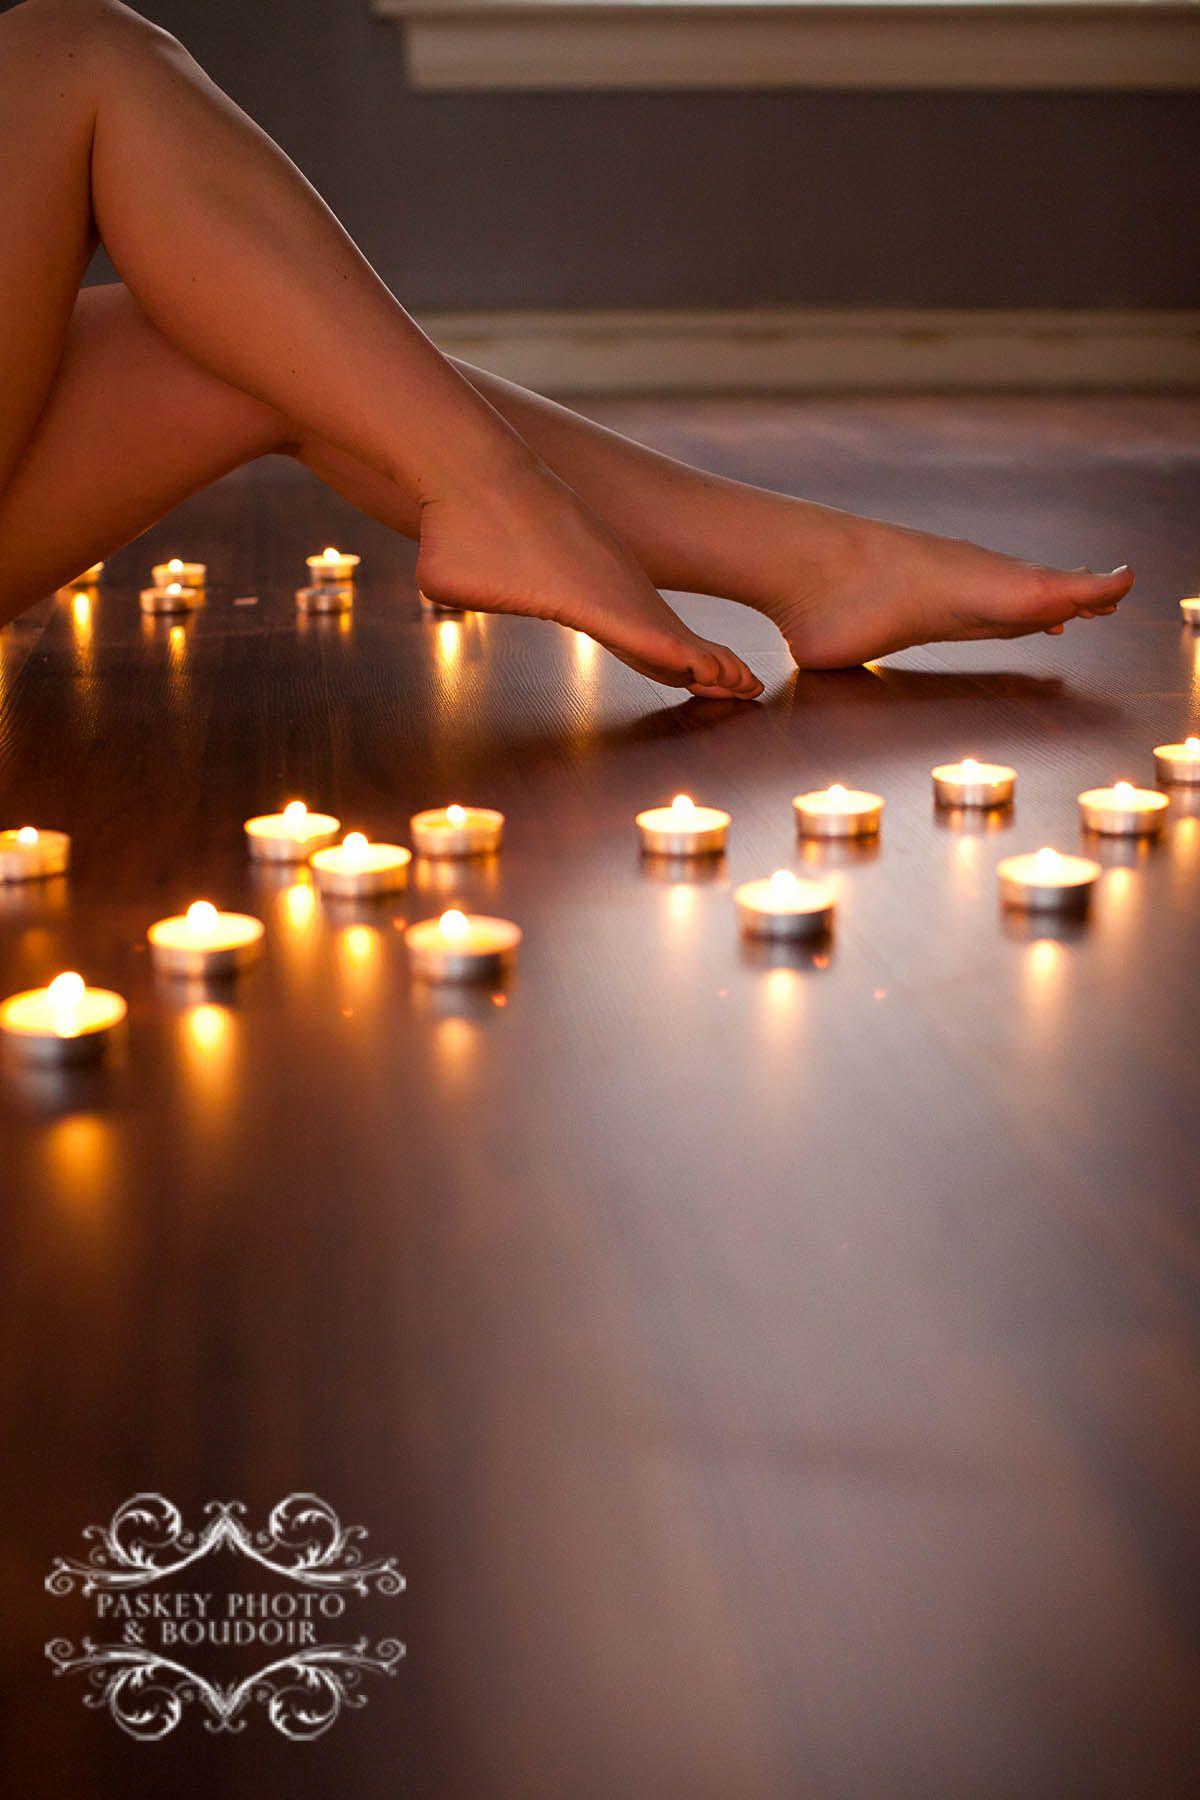 Afbeeldingsresultaat Voor Boudoir Shoot Candle